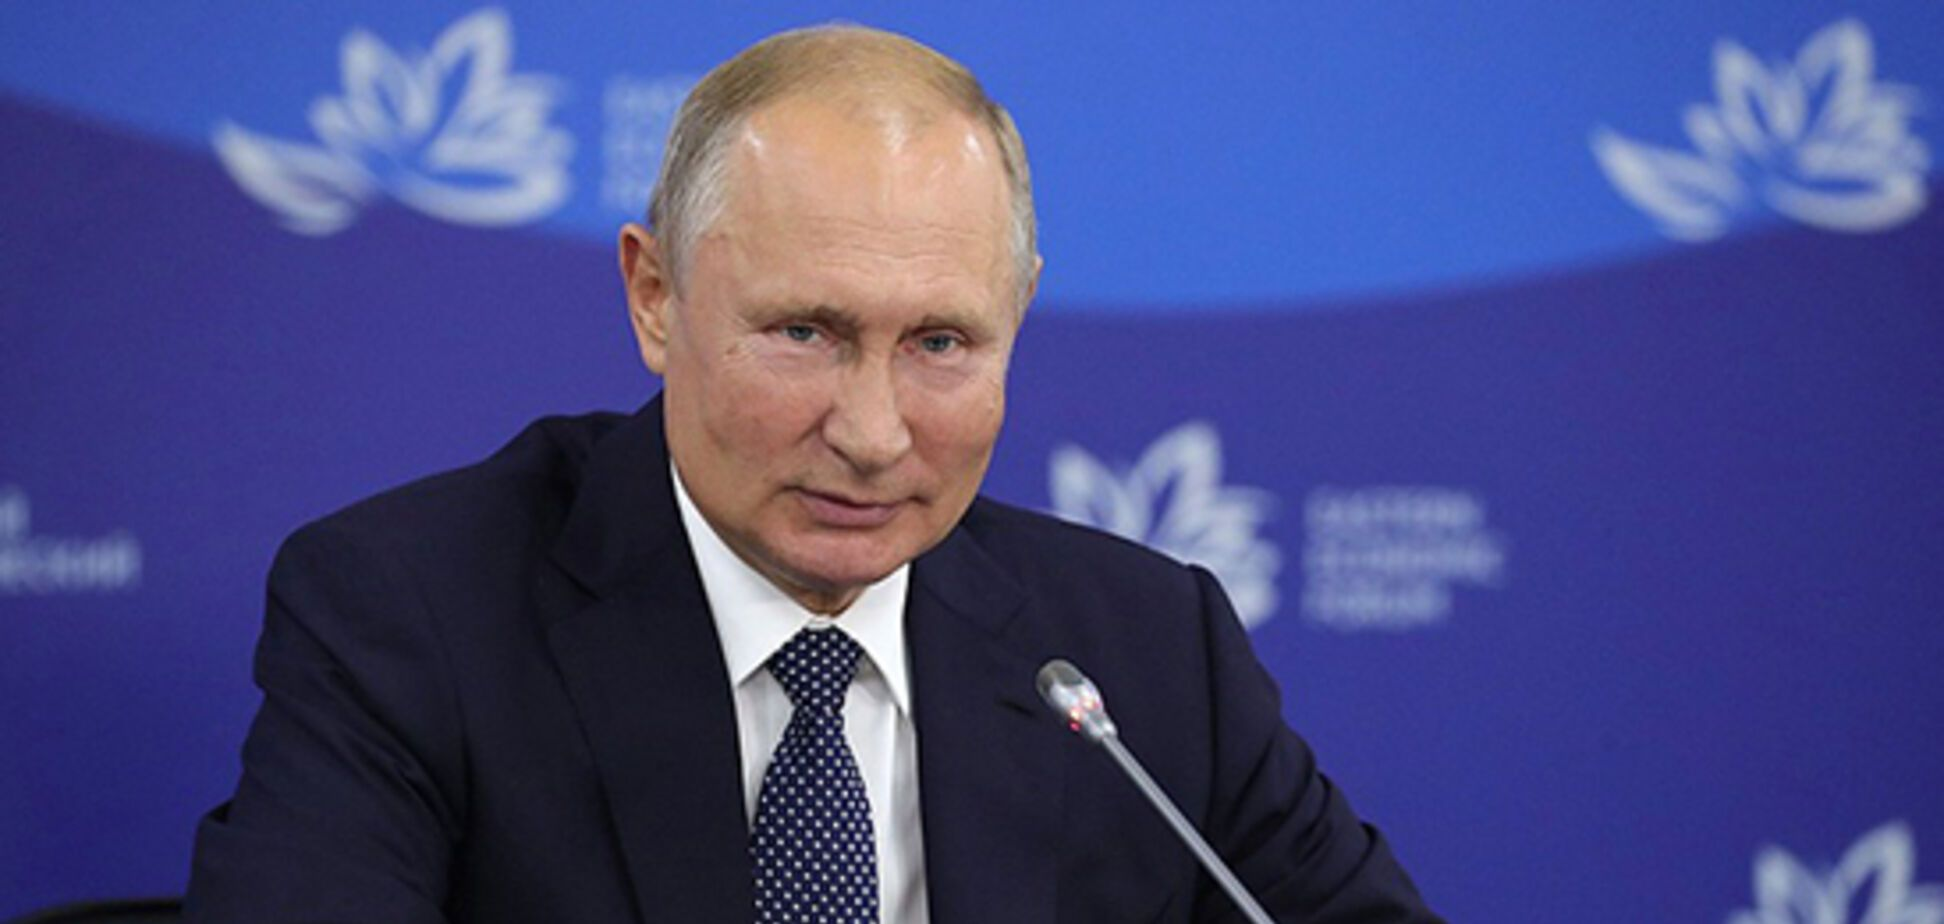 Путин будет еще 16 лет у власти? Касьянов рассказал о новом плане